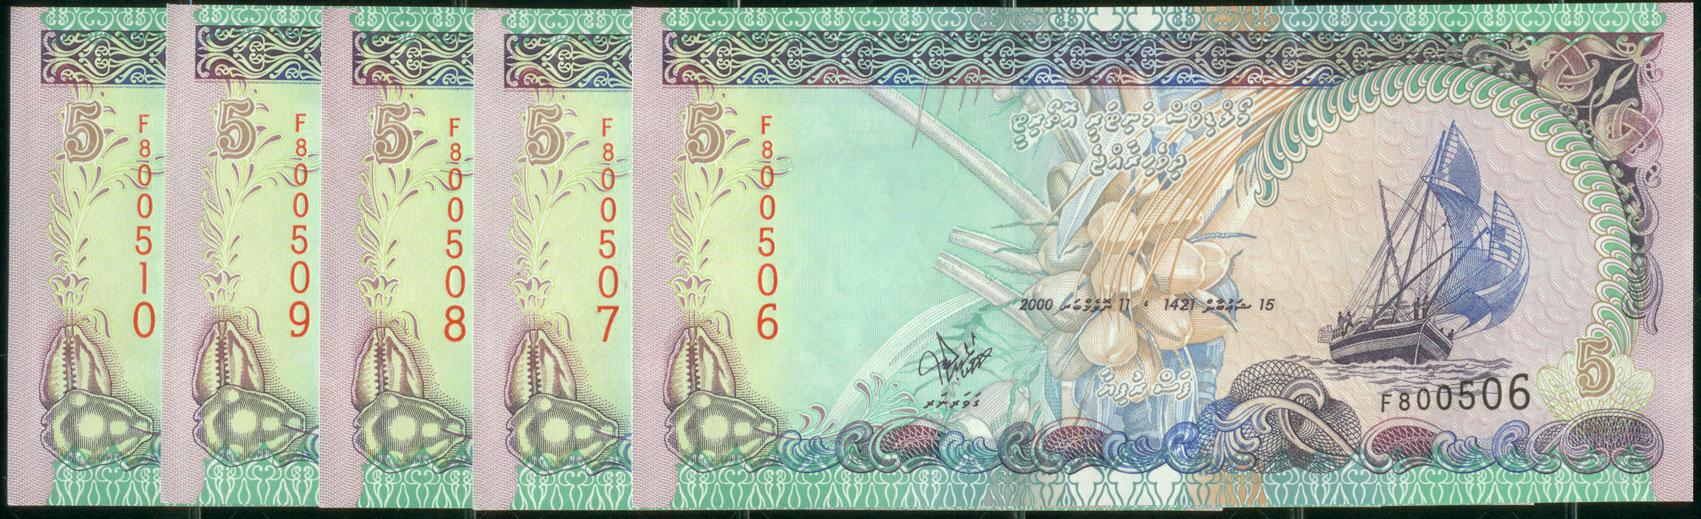 马尔代夫货币